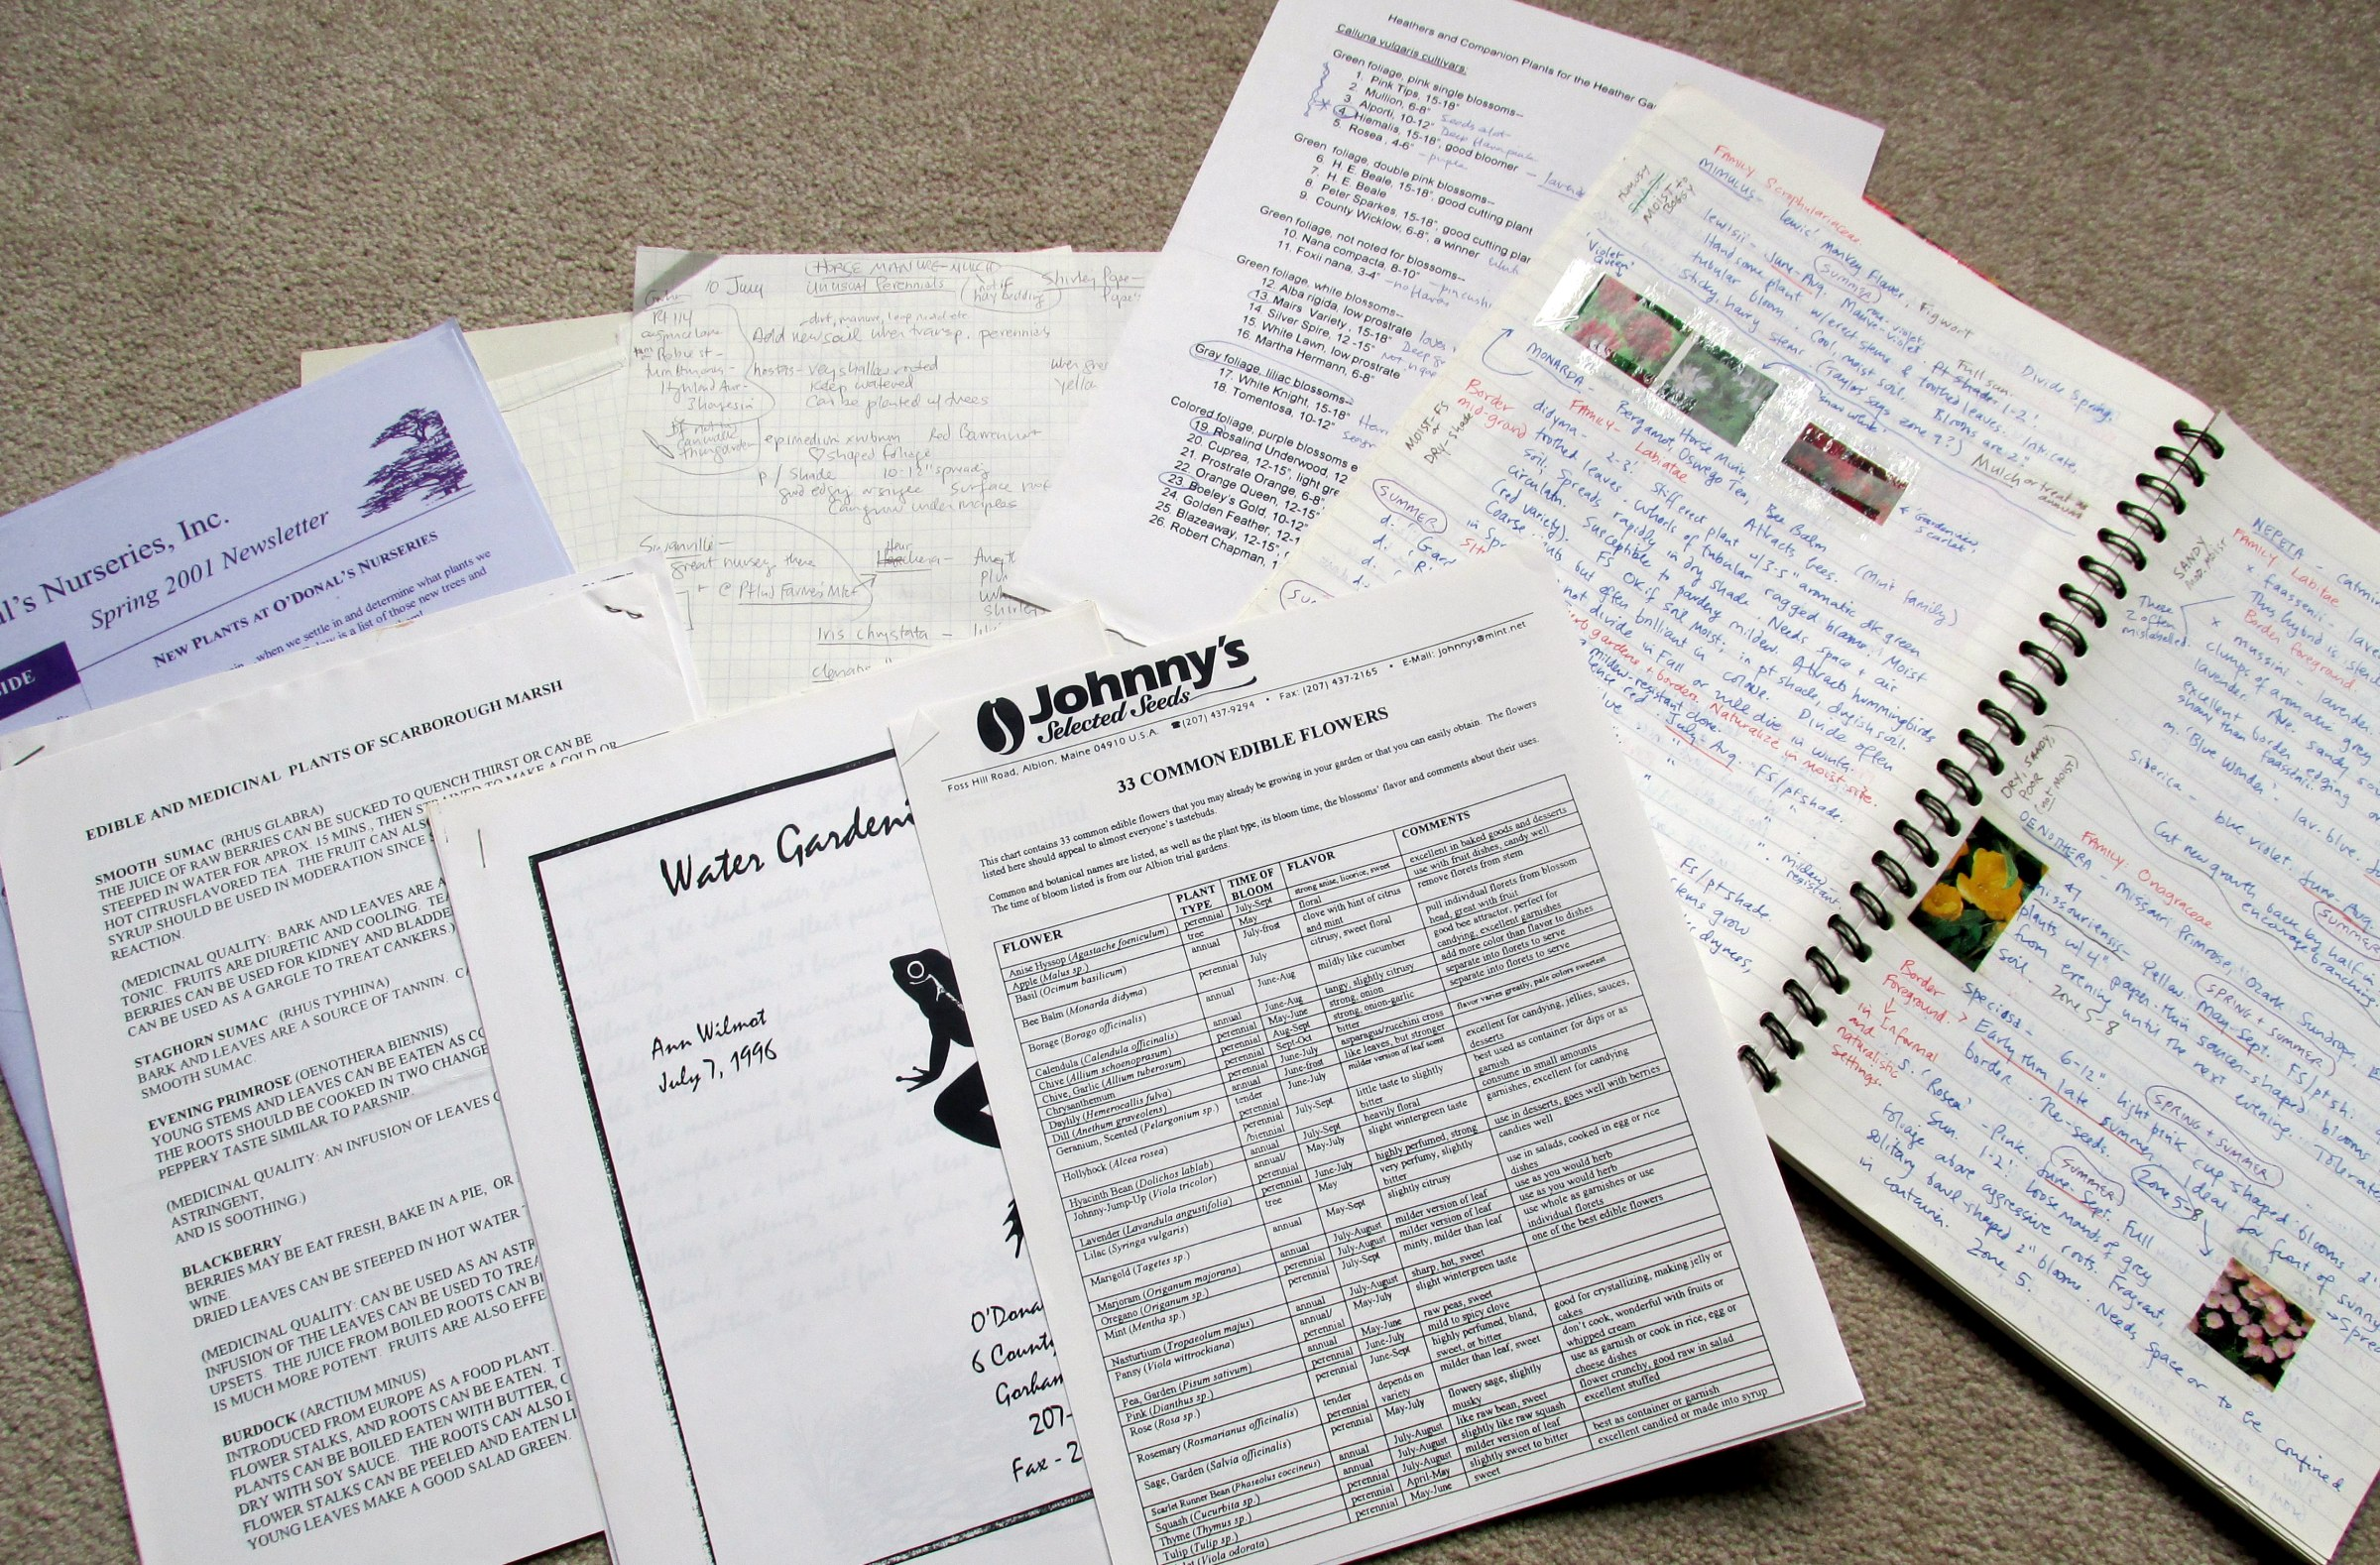 garden book and handouts